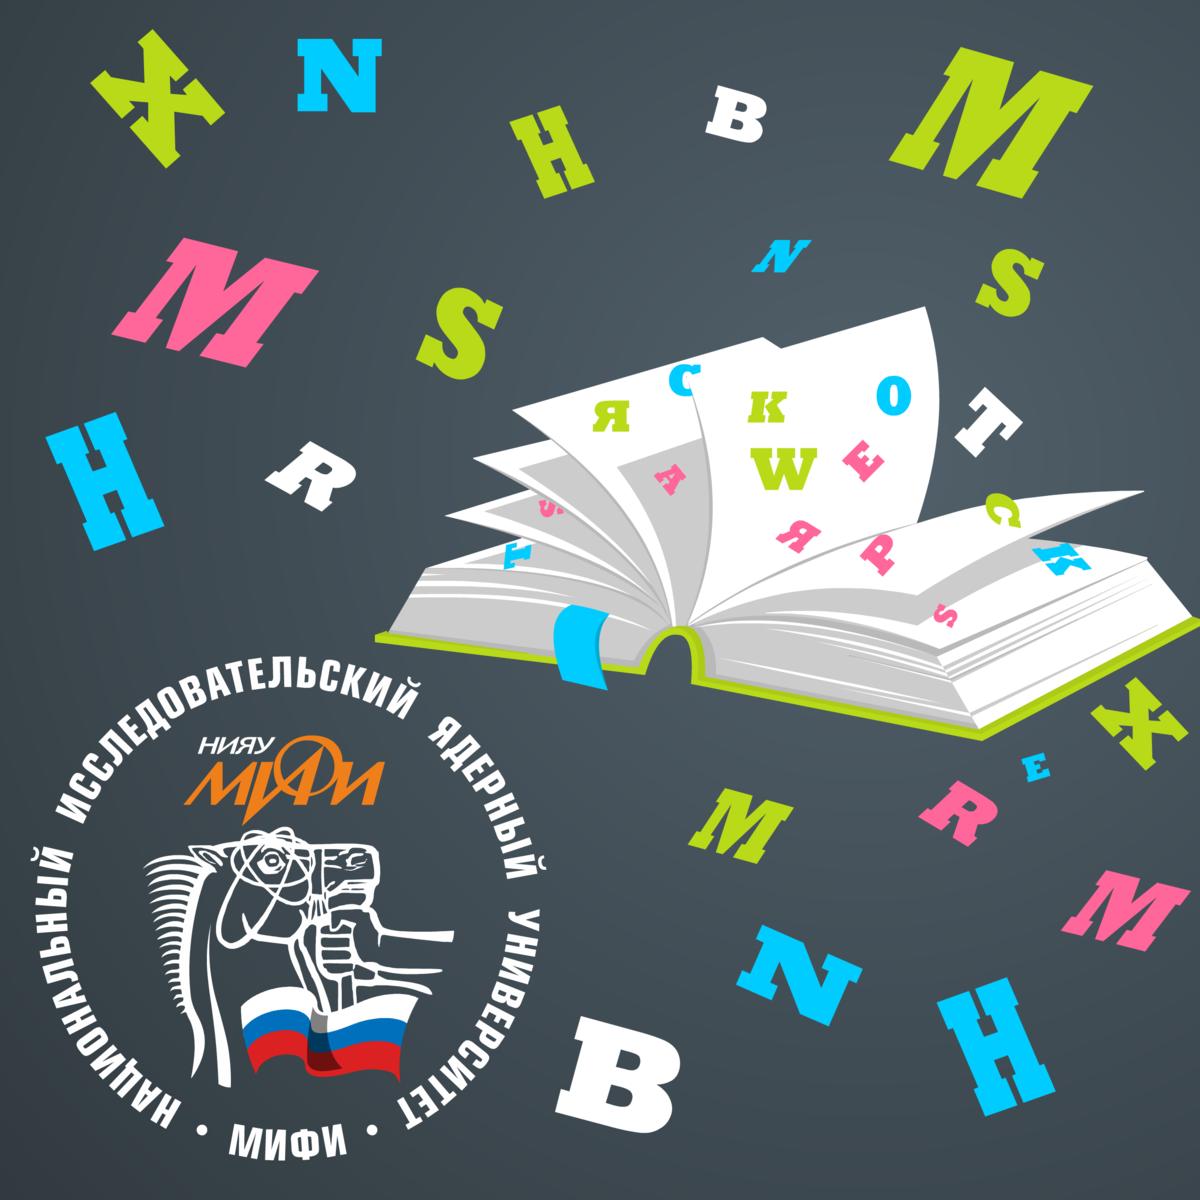 Научные тексты — учимся писать на русском и английском course image